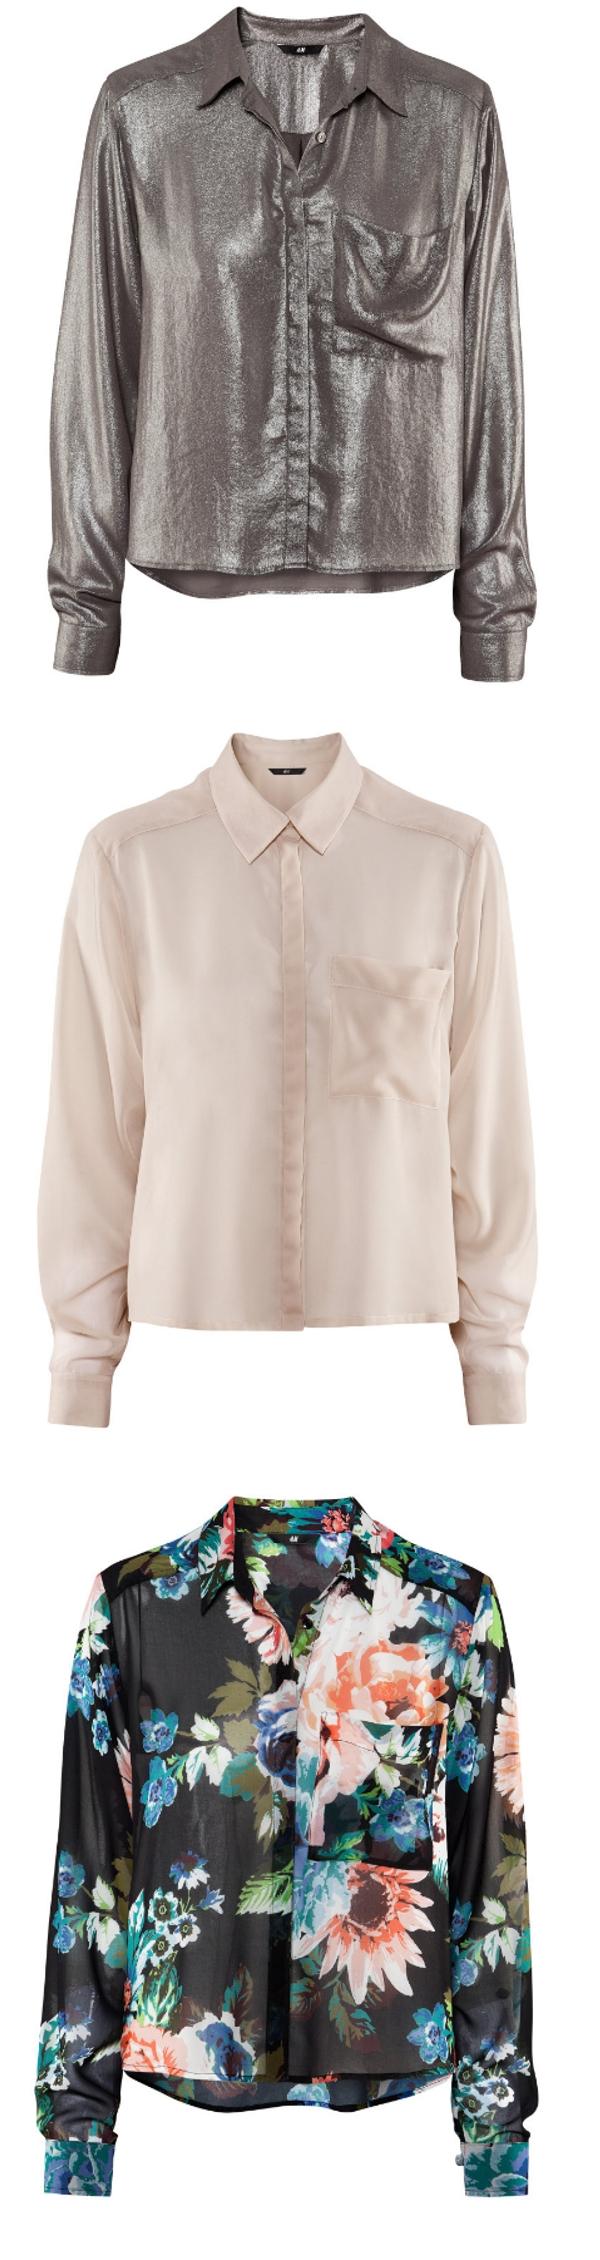 H&M skjorte, blomstret skjorte hm, flower print shirt hm, oudderfarvet skjorte, nude shirt